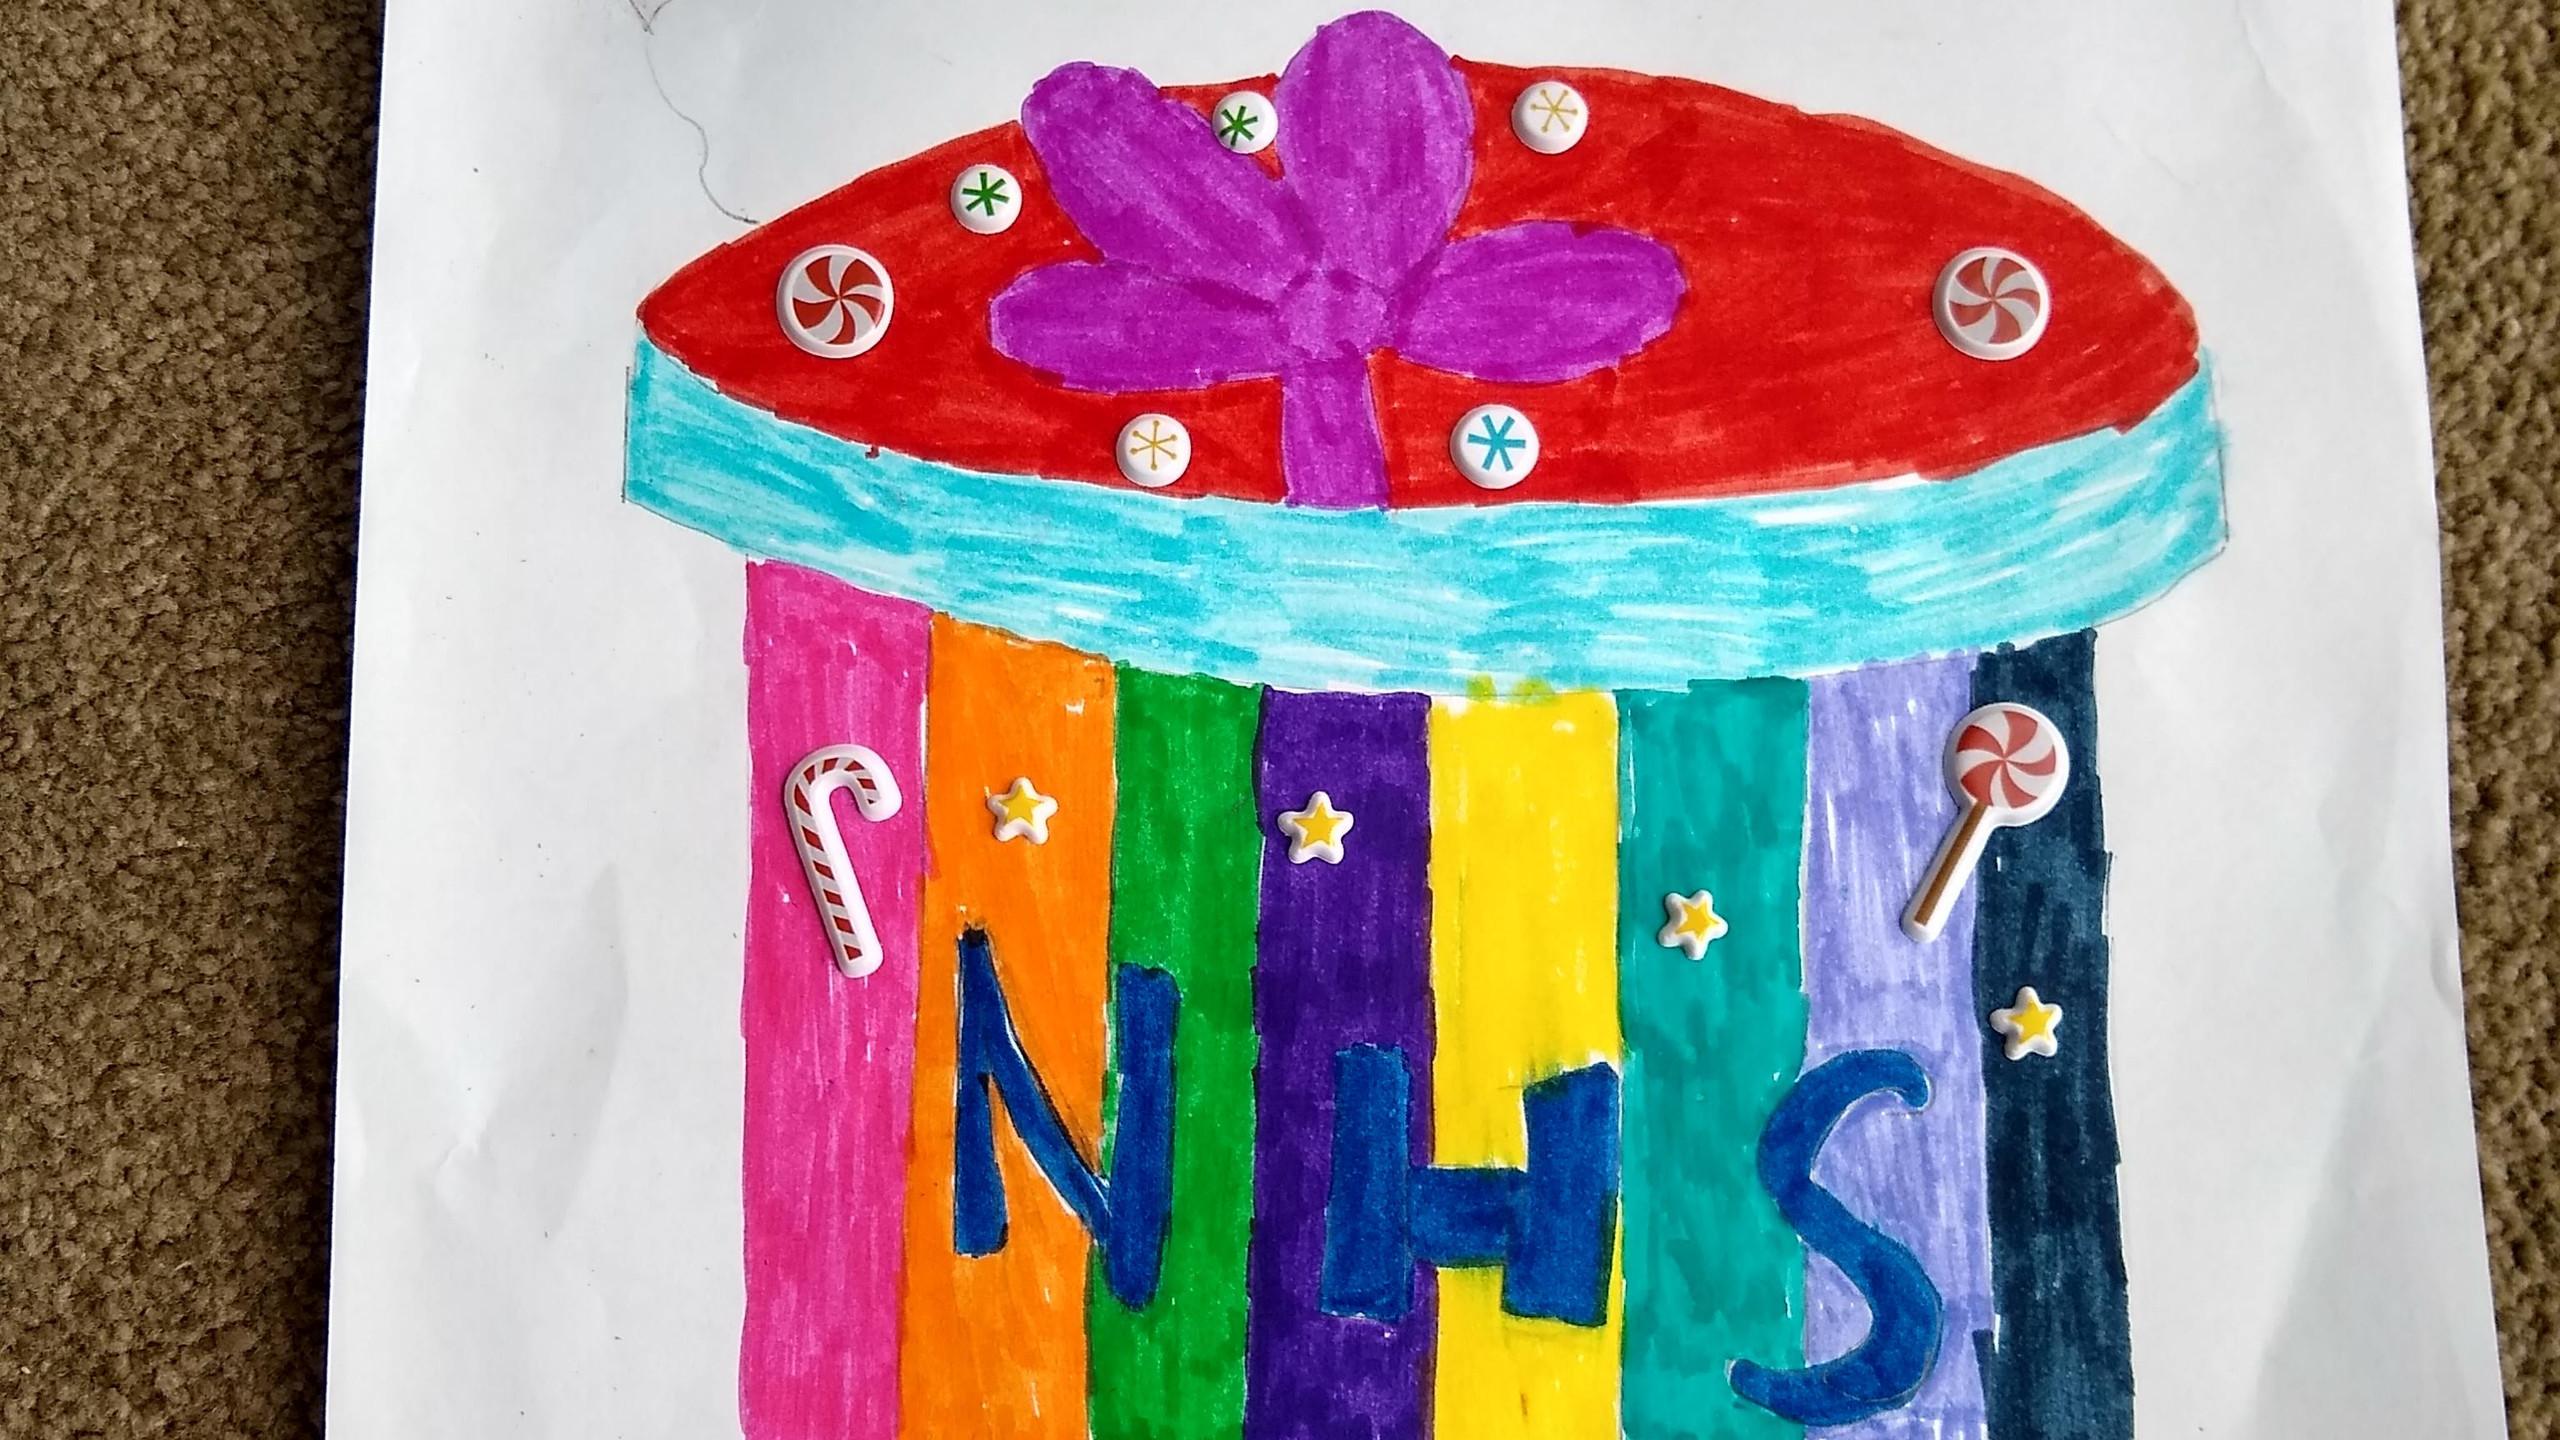 Roberta sweet package for NHS